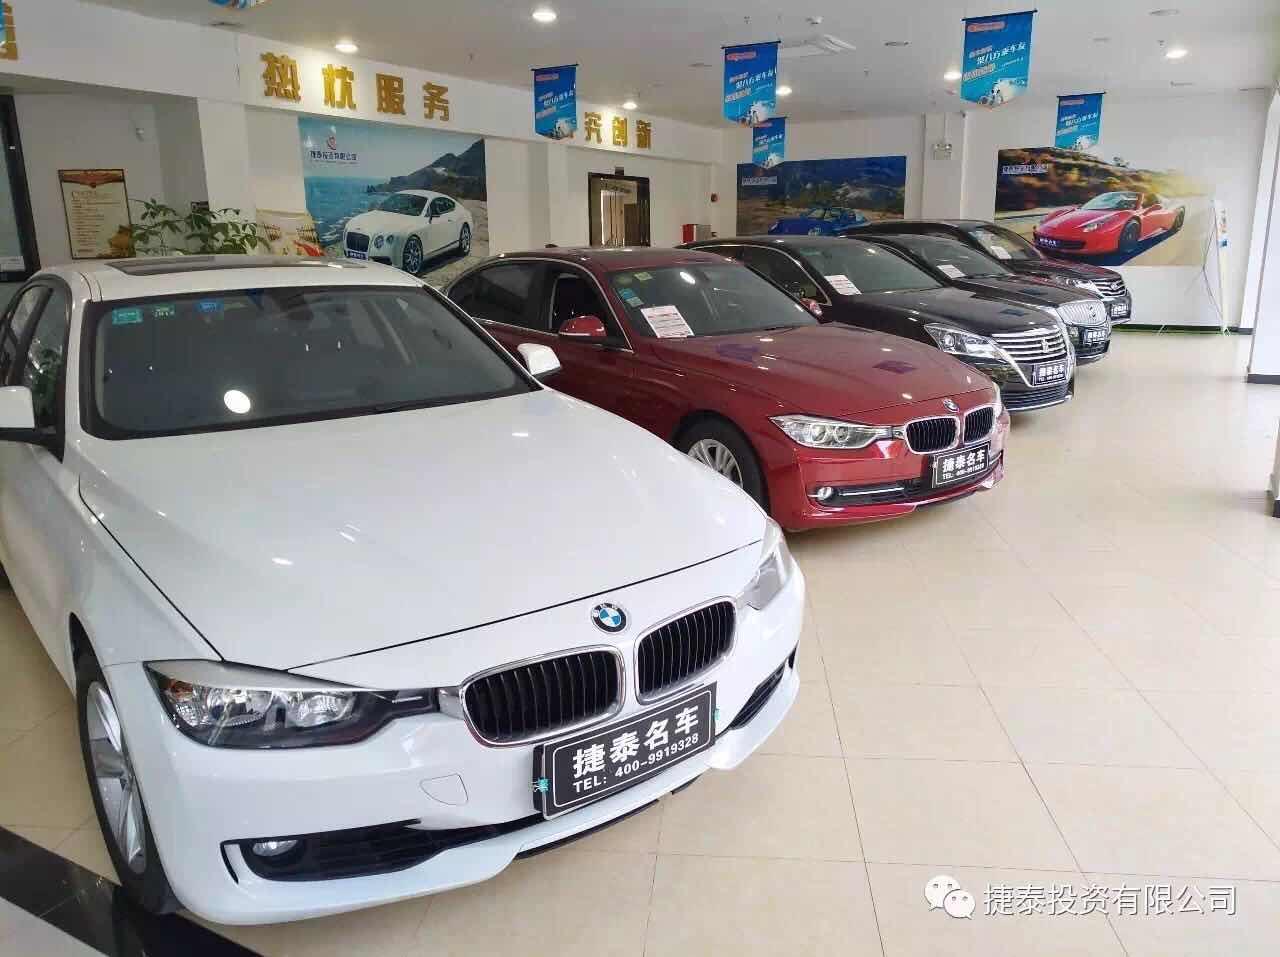 中山市捷佳汽车销售有限公司_才通国际人才网_job001.cn